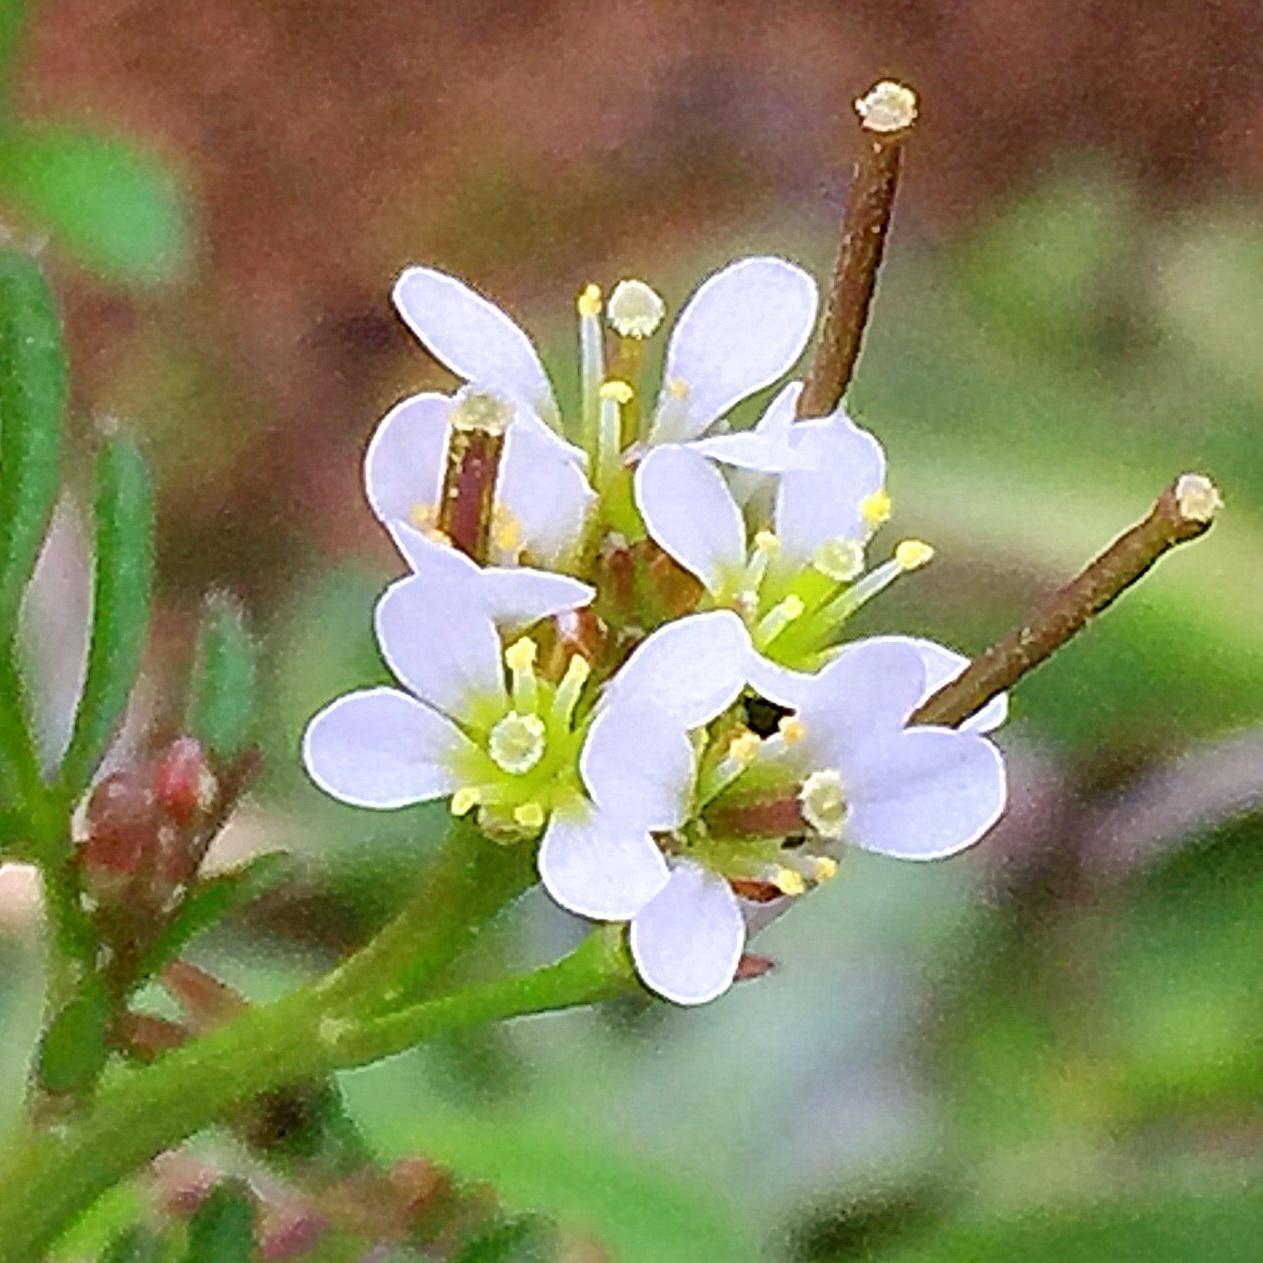 ミチミチタネツケバナ(道種浸け花)